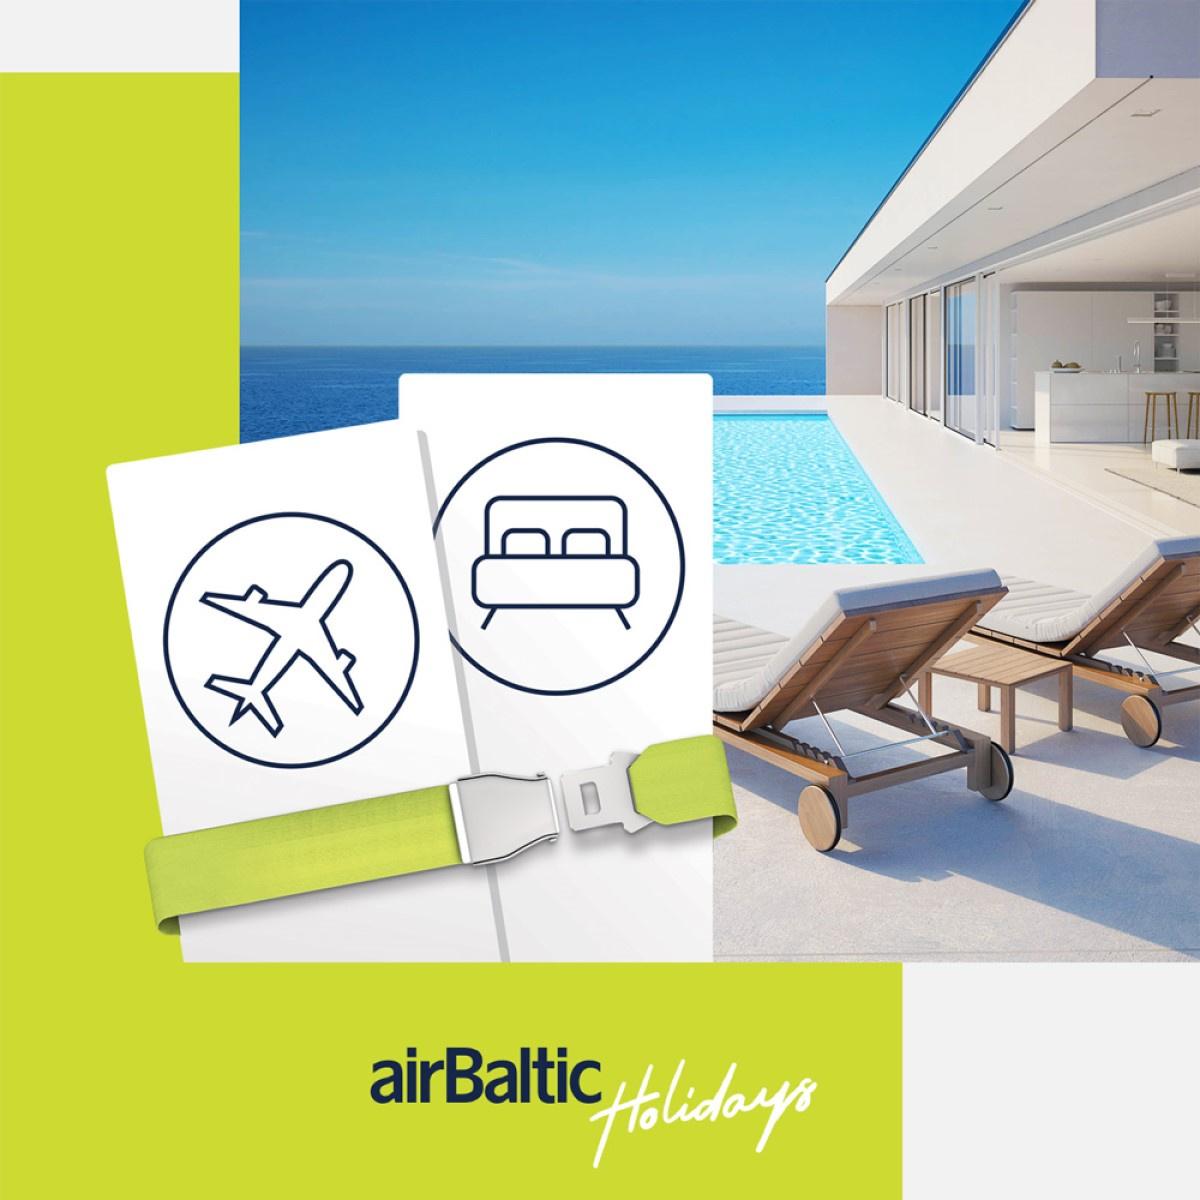 Broneerige lennud koos hotelliga airBalticHolidays.com kaudu image